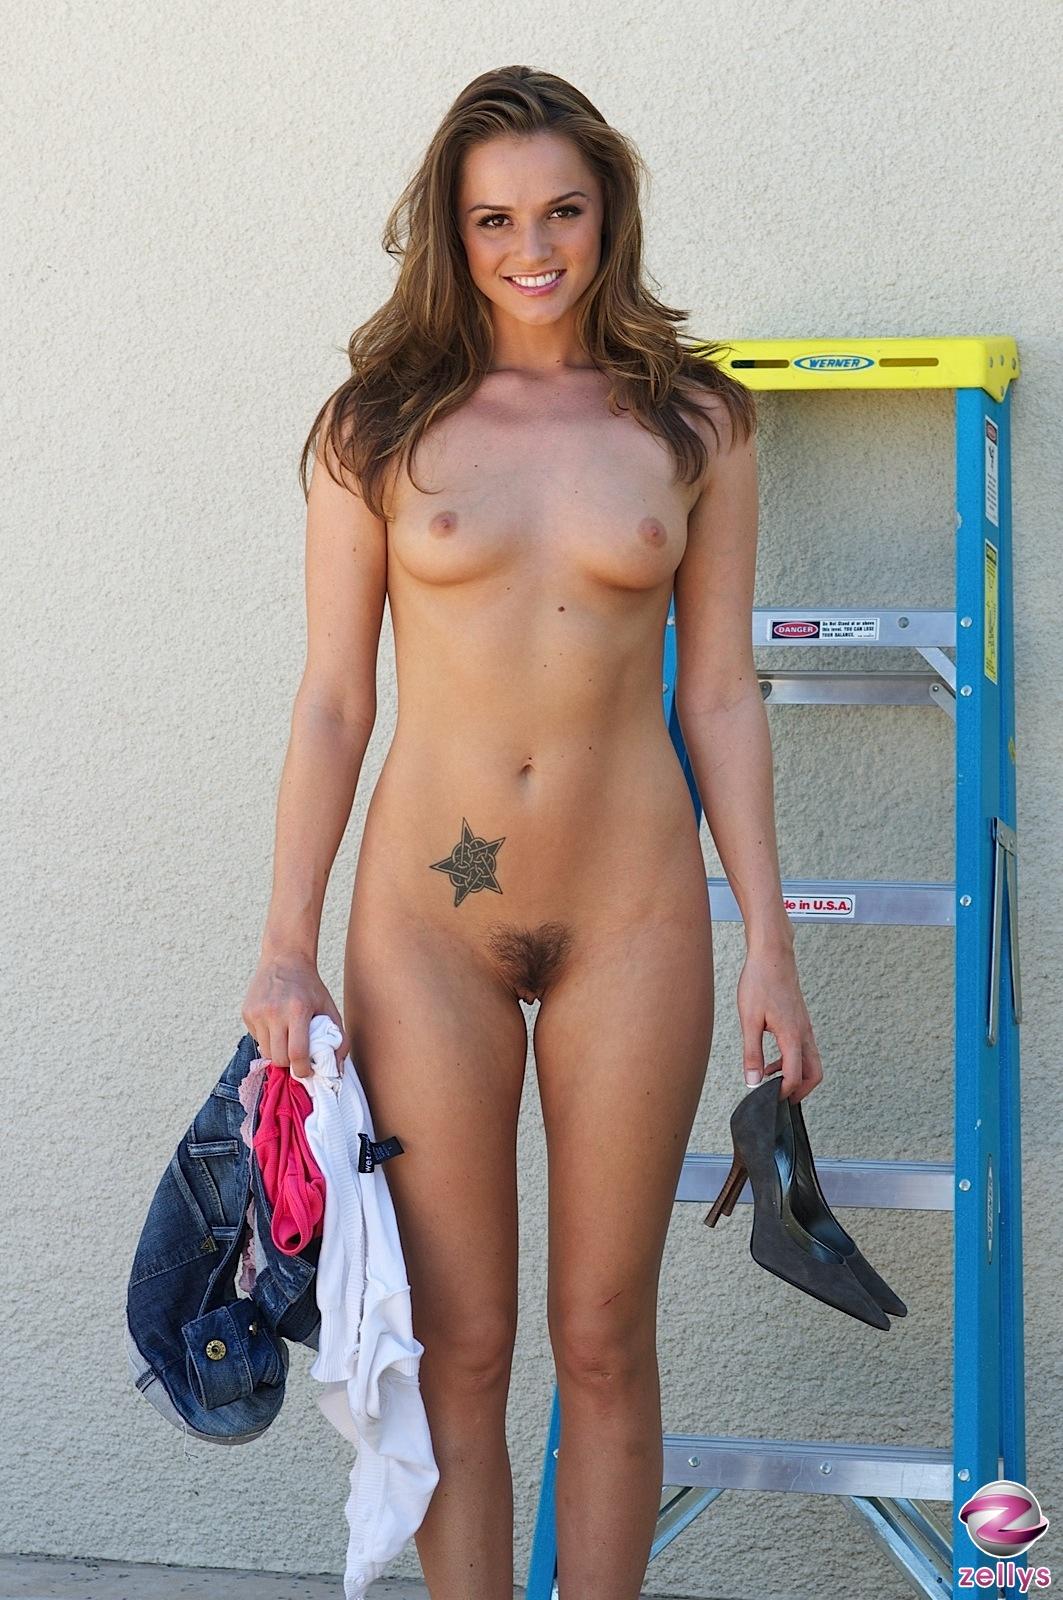 Tori black topless